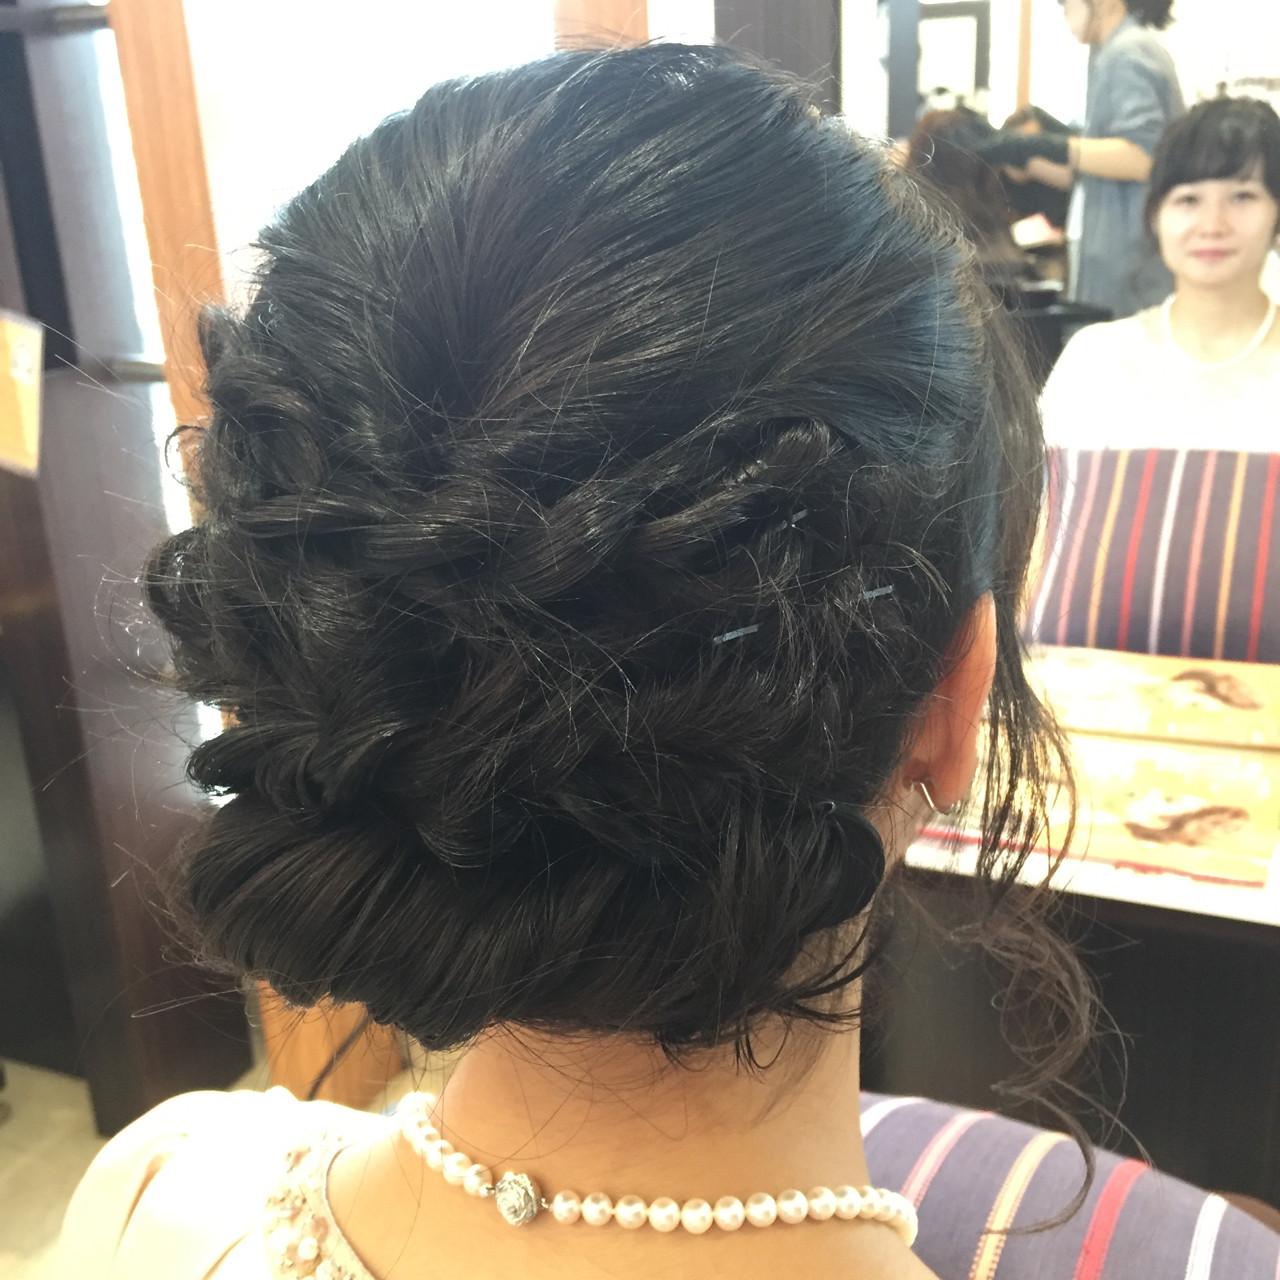 パーティ 編み込み ミディアム ヘアアレンジ ヘアスタイルや髪型の写真・画像